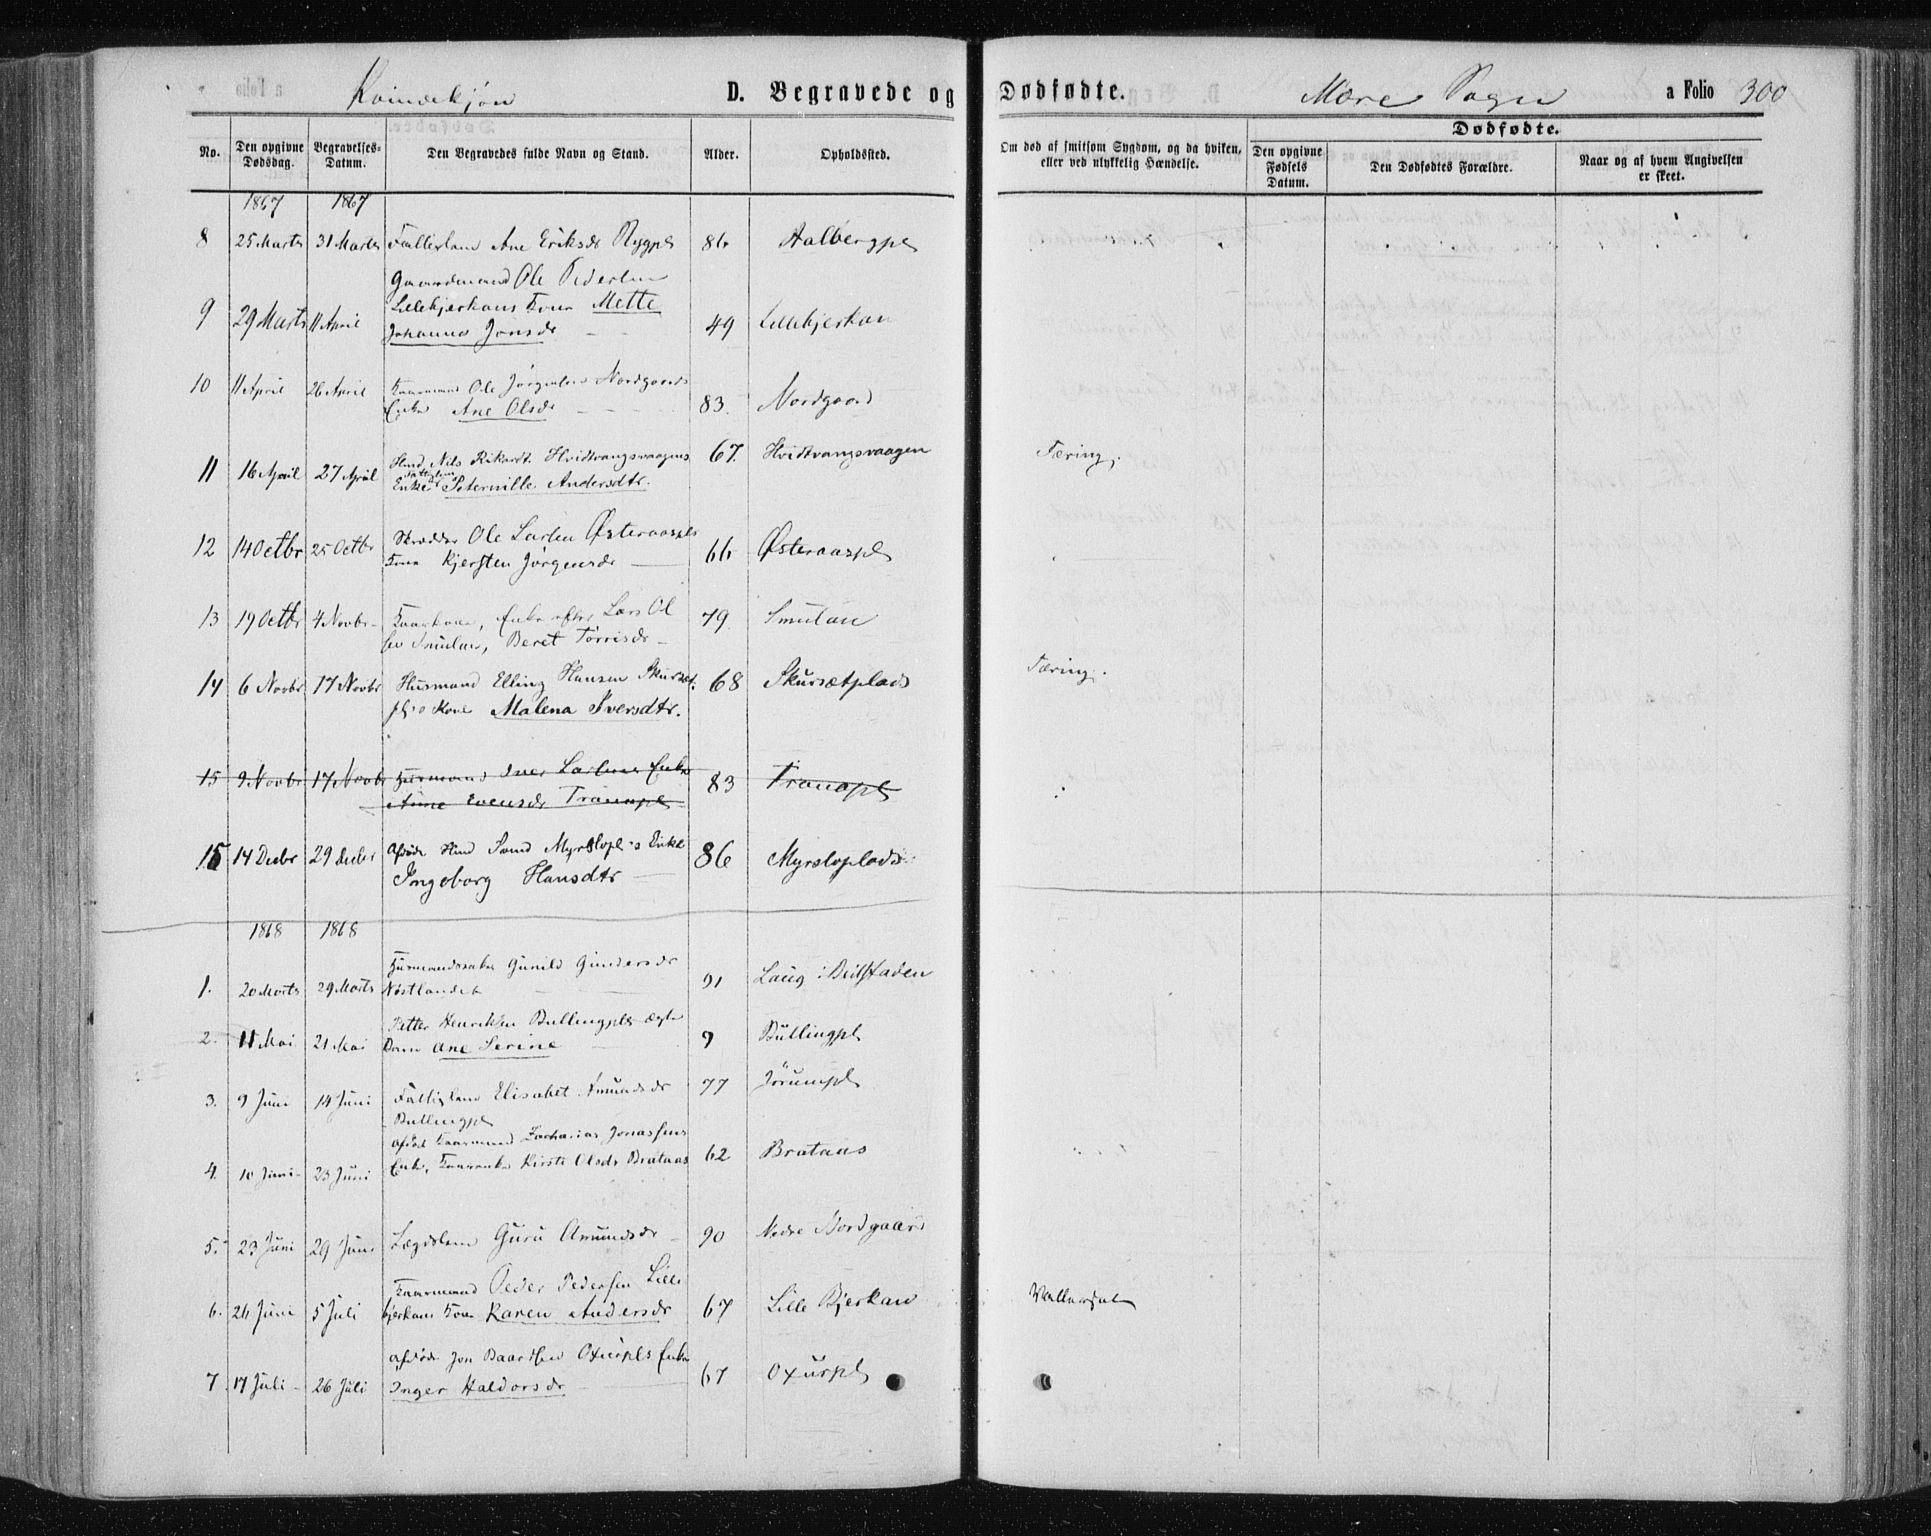 SAT, Ministerialprotokoller, klokkerbøker og fødselsregistre - Nord-Trøndelag, 735/L0345: Ministerialbok nr. 735A08 /1, 1863-1872, s. 300